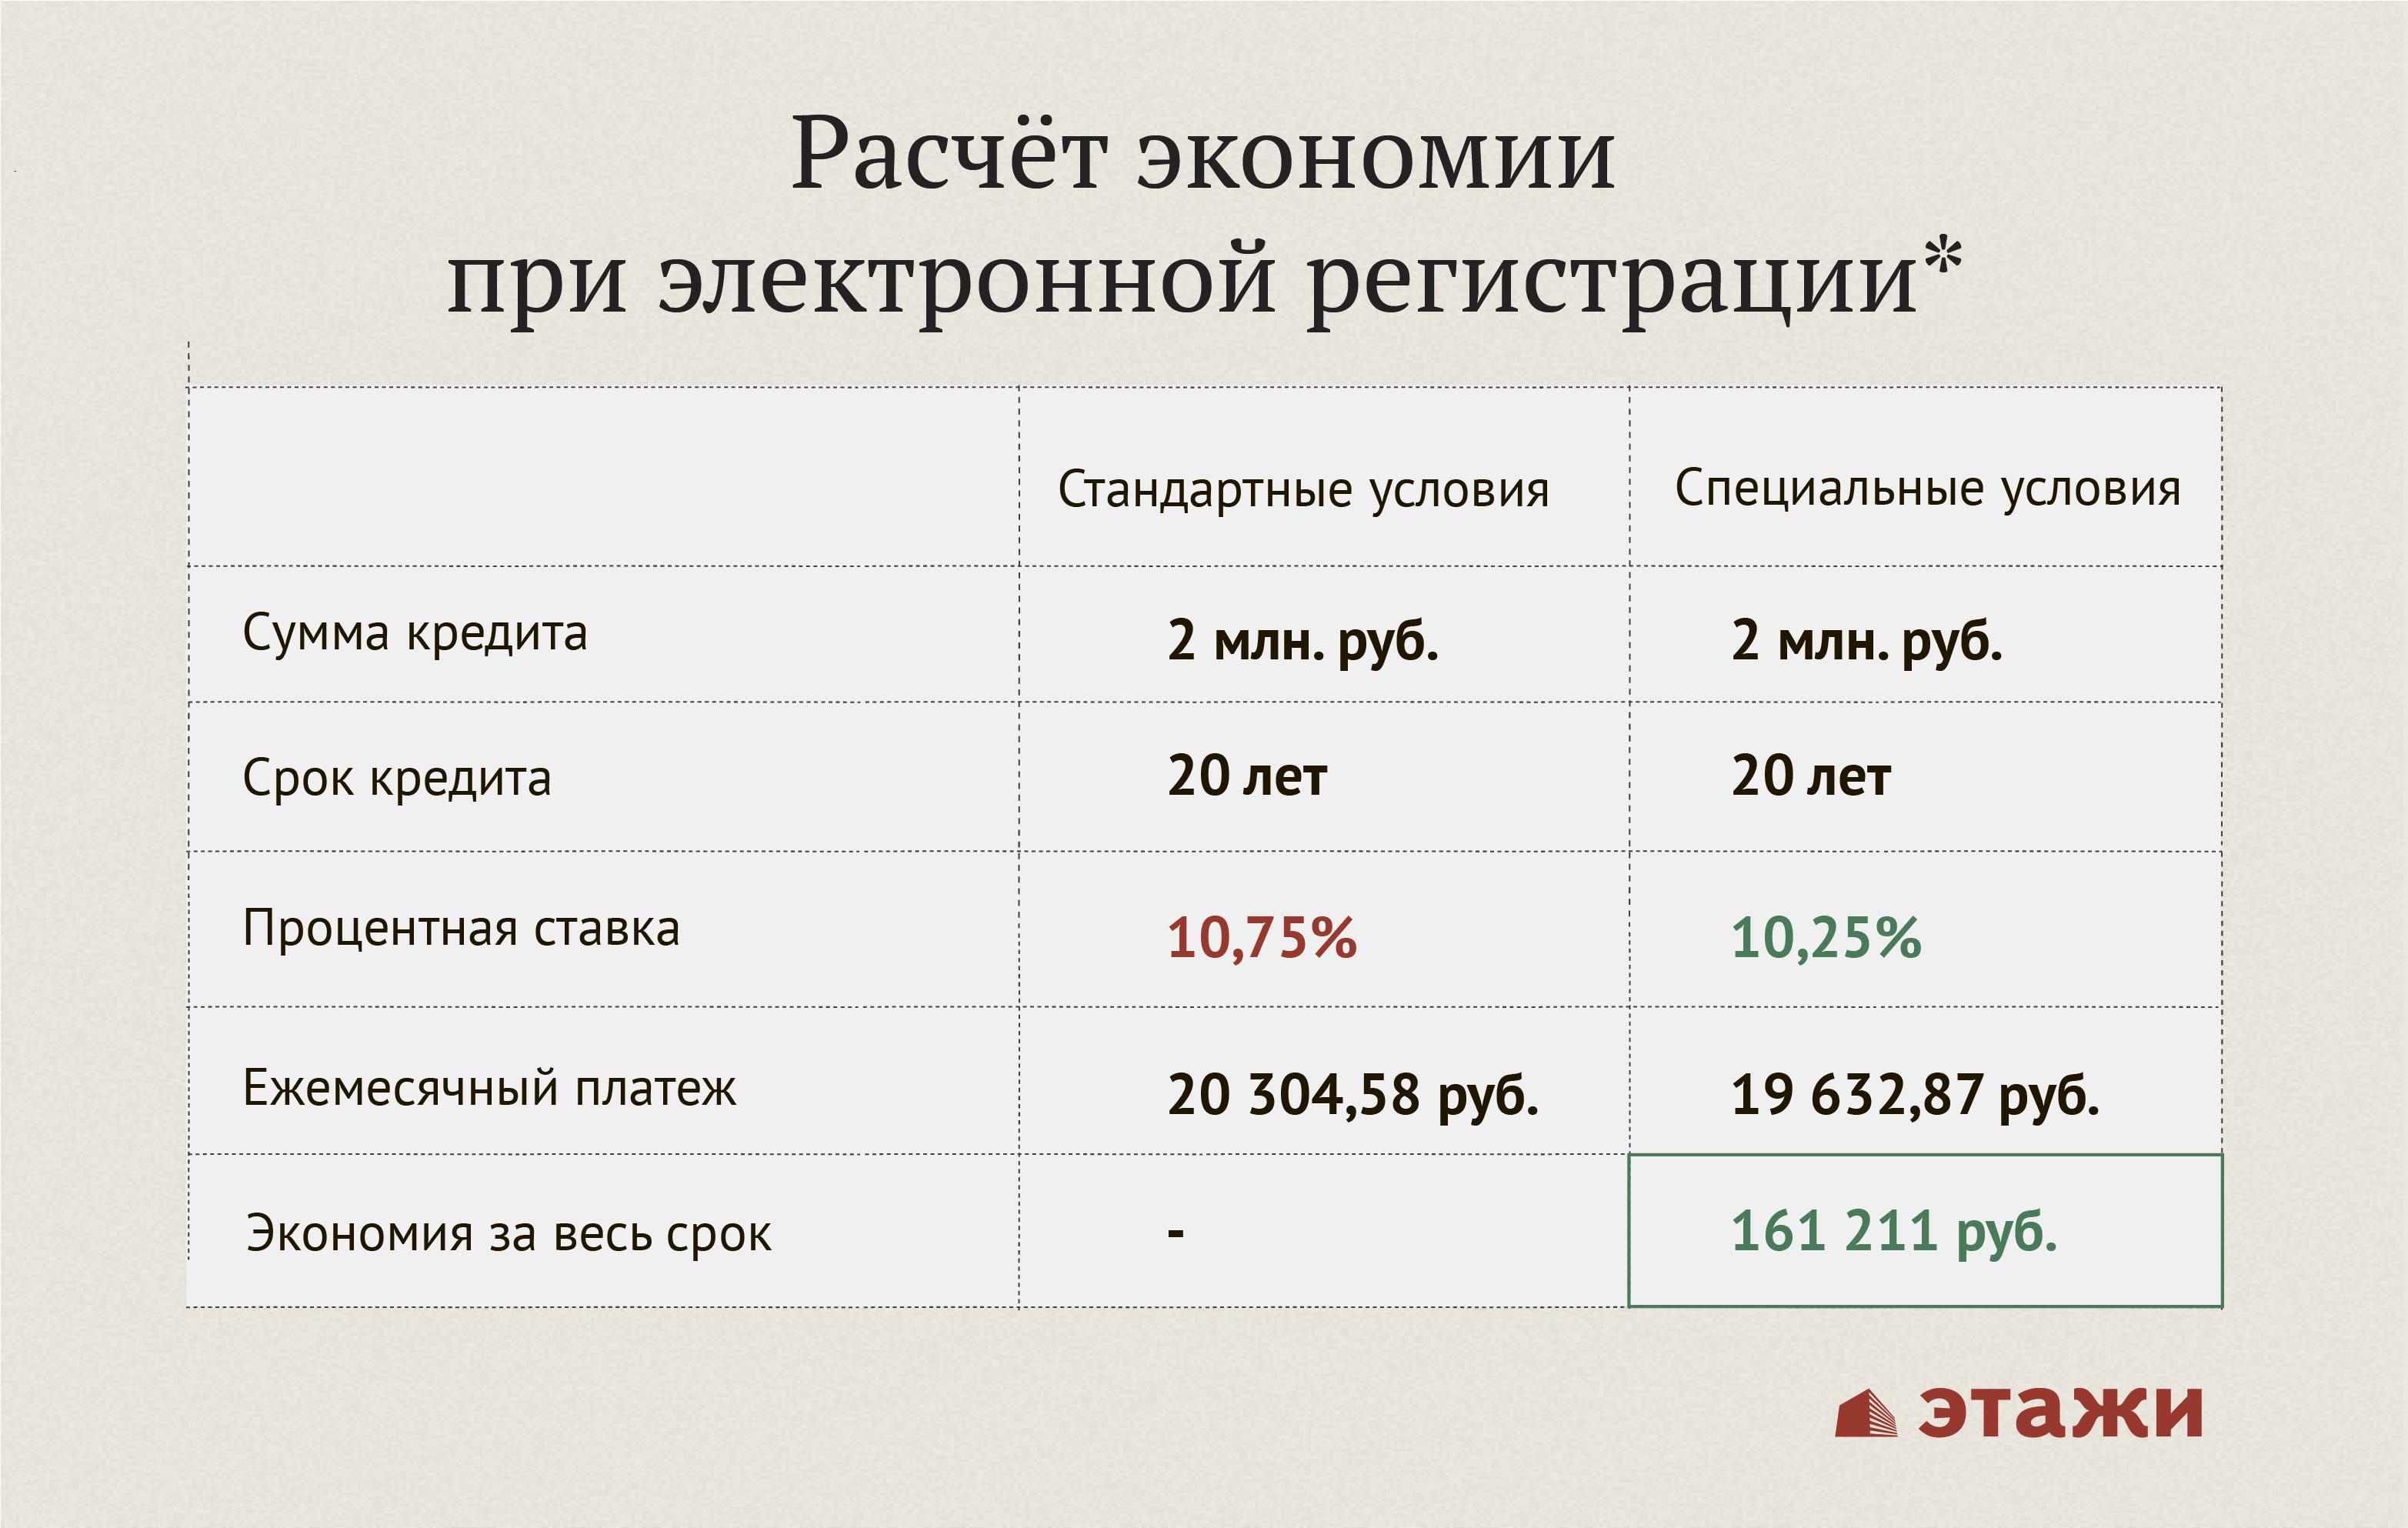 Кредит на 1 миллион рублей на 10 лет